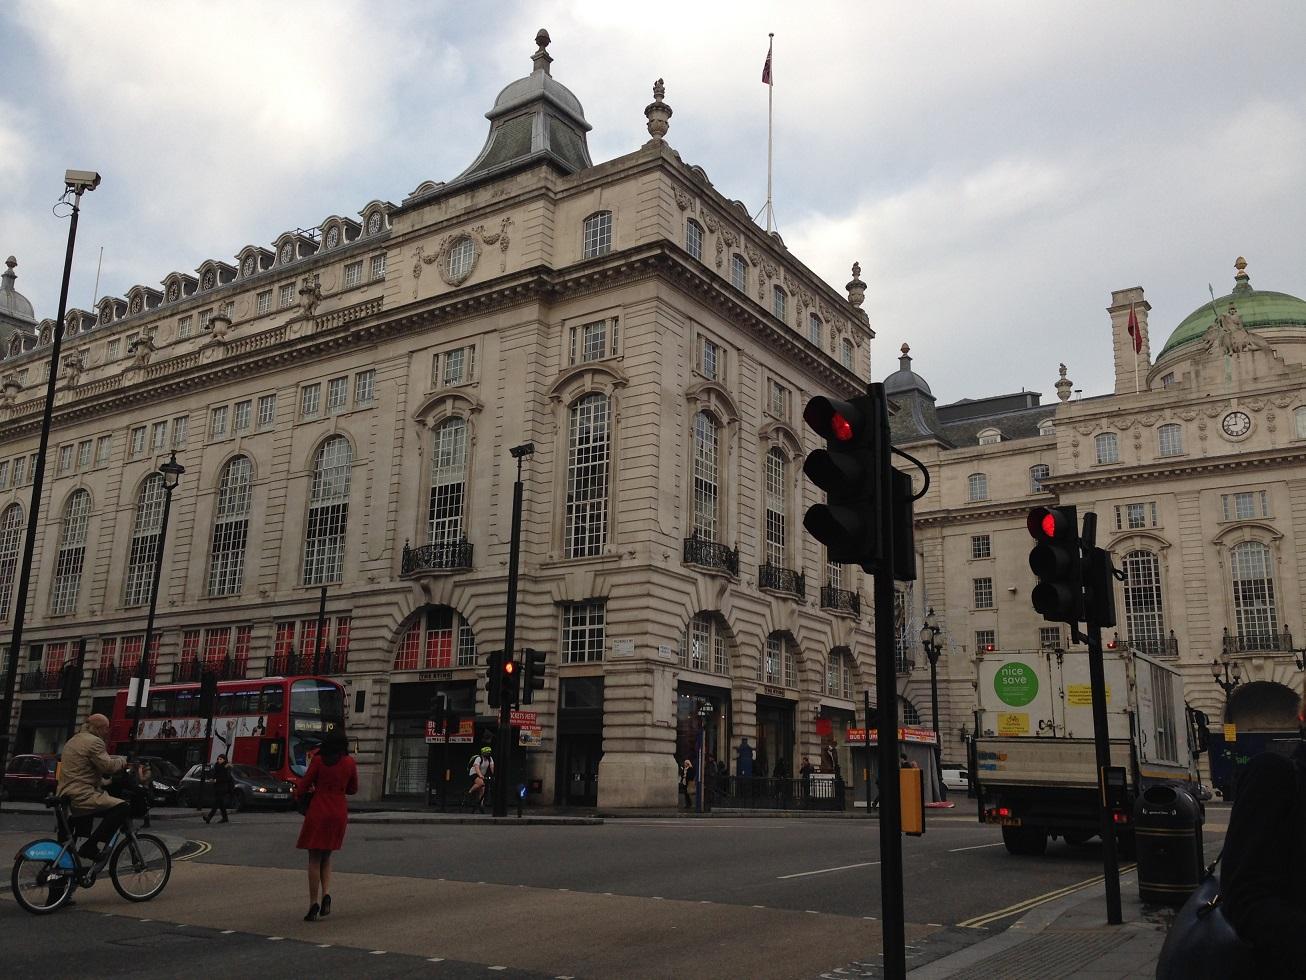 ロンドンの街並み2